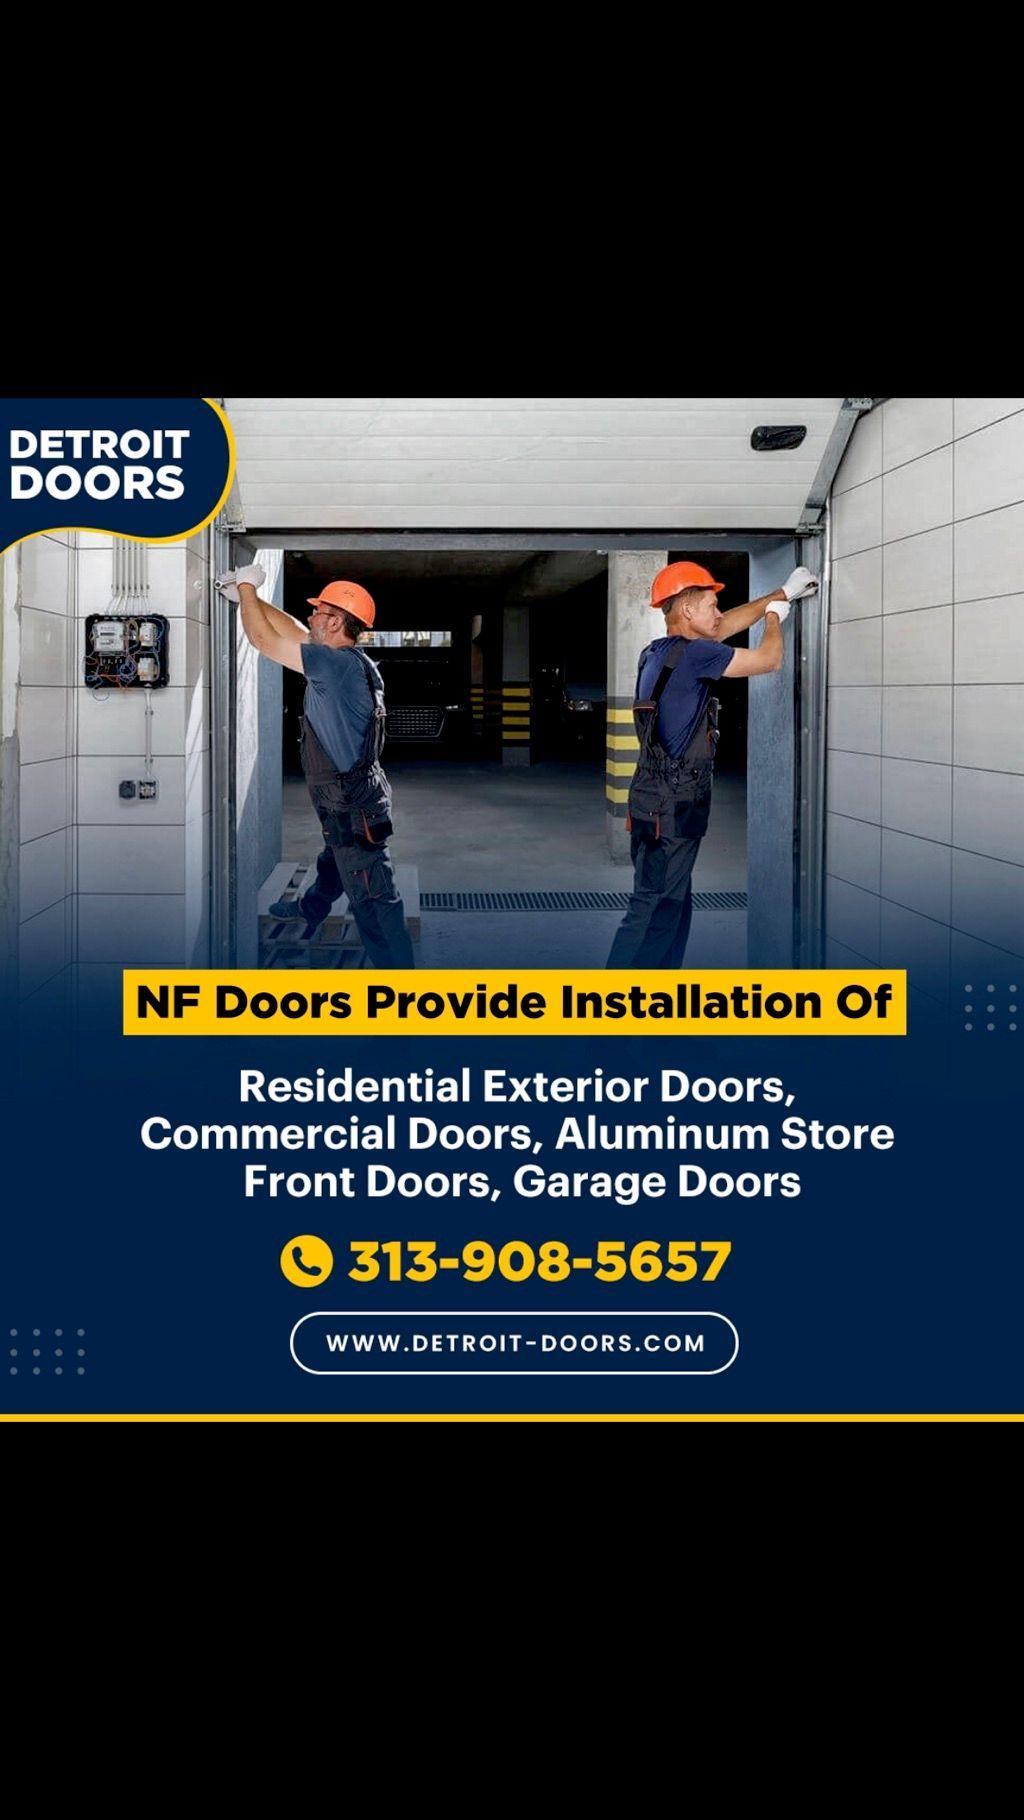 Detroit Door Services